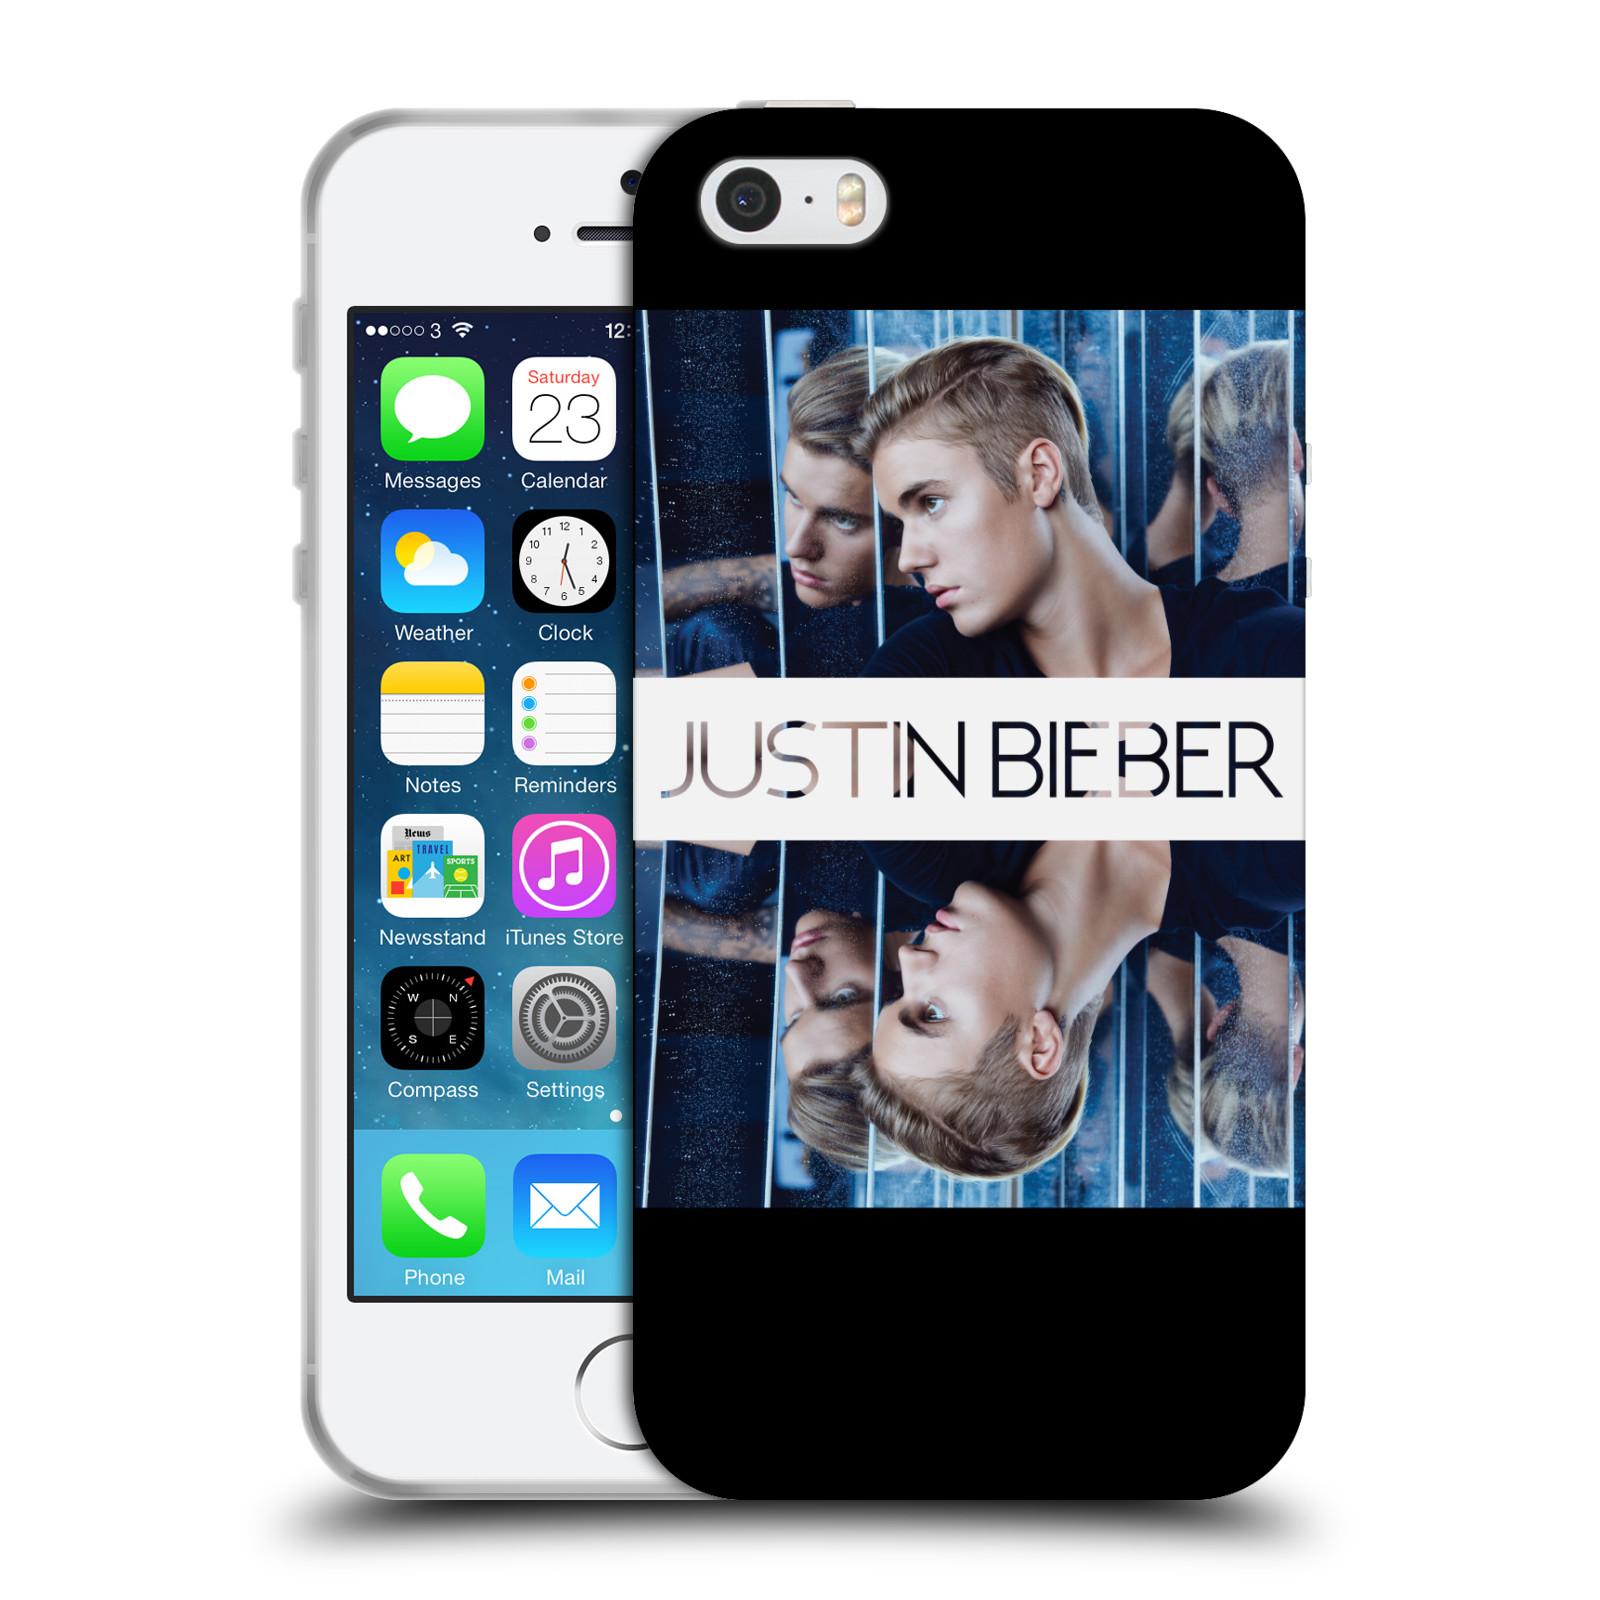 HEAD CASE silikonový obal na mobil Apple Iphone 5 / 5S originální potisk Justin Bieber Zrcadlo